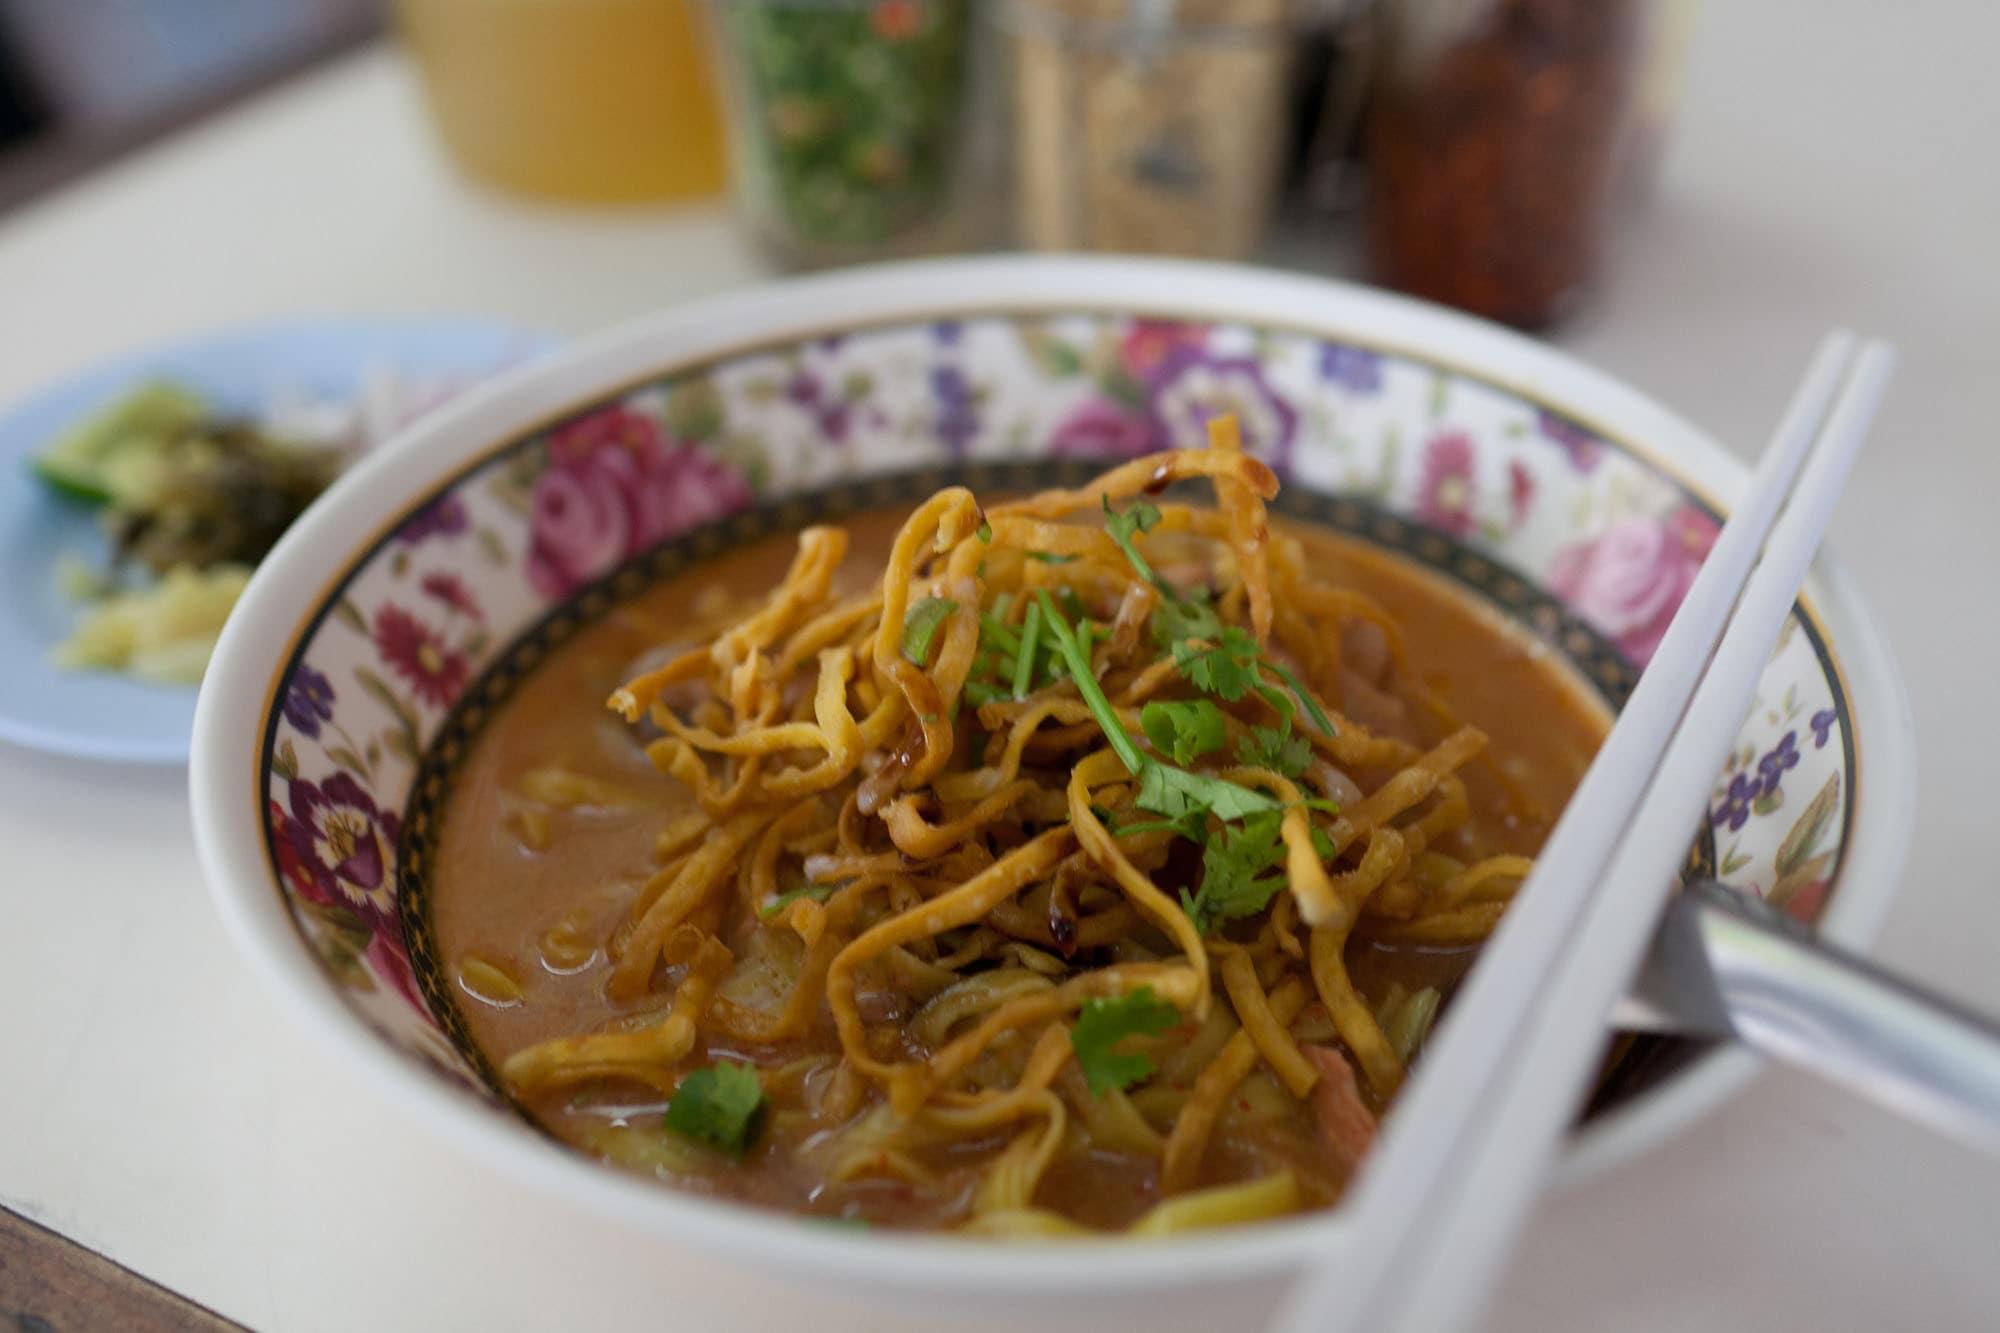 Khao soi in Chiang Mai, Thailand.